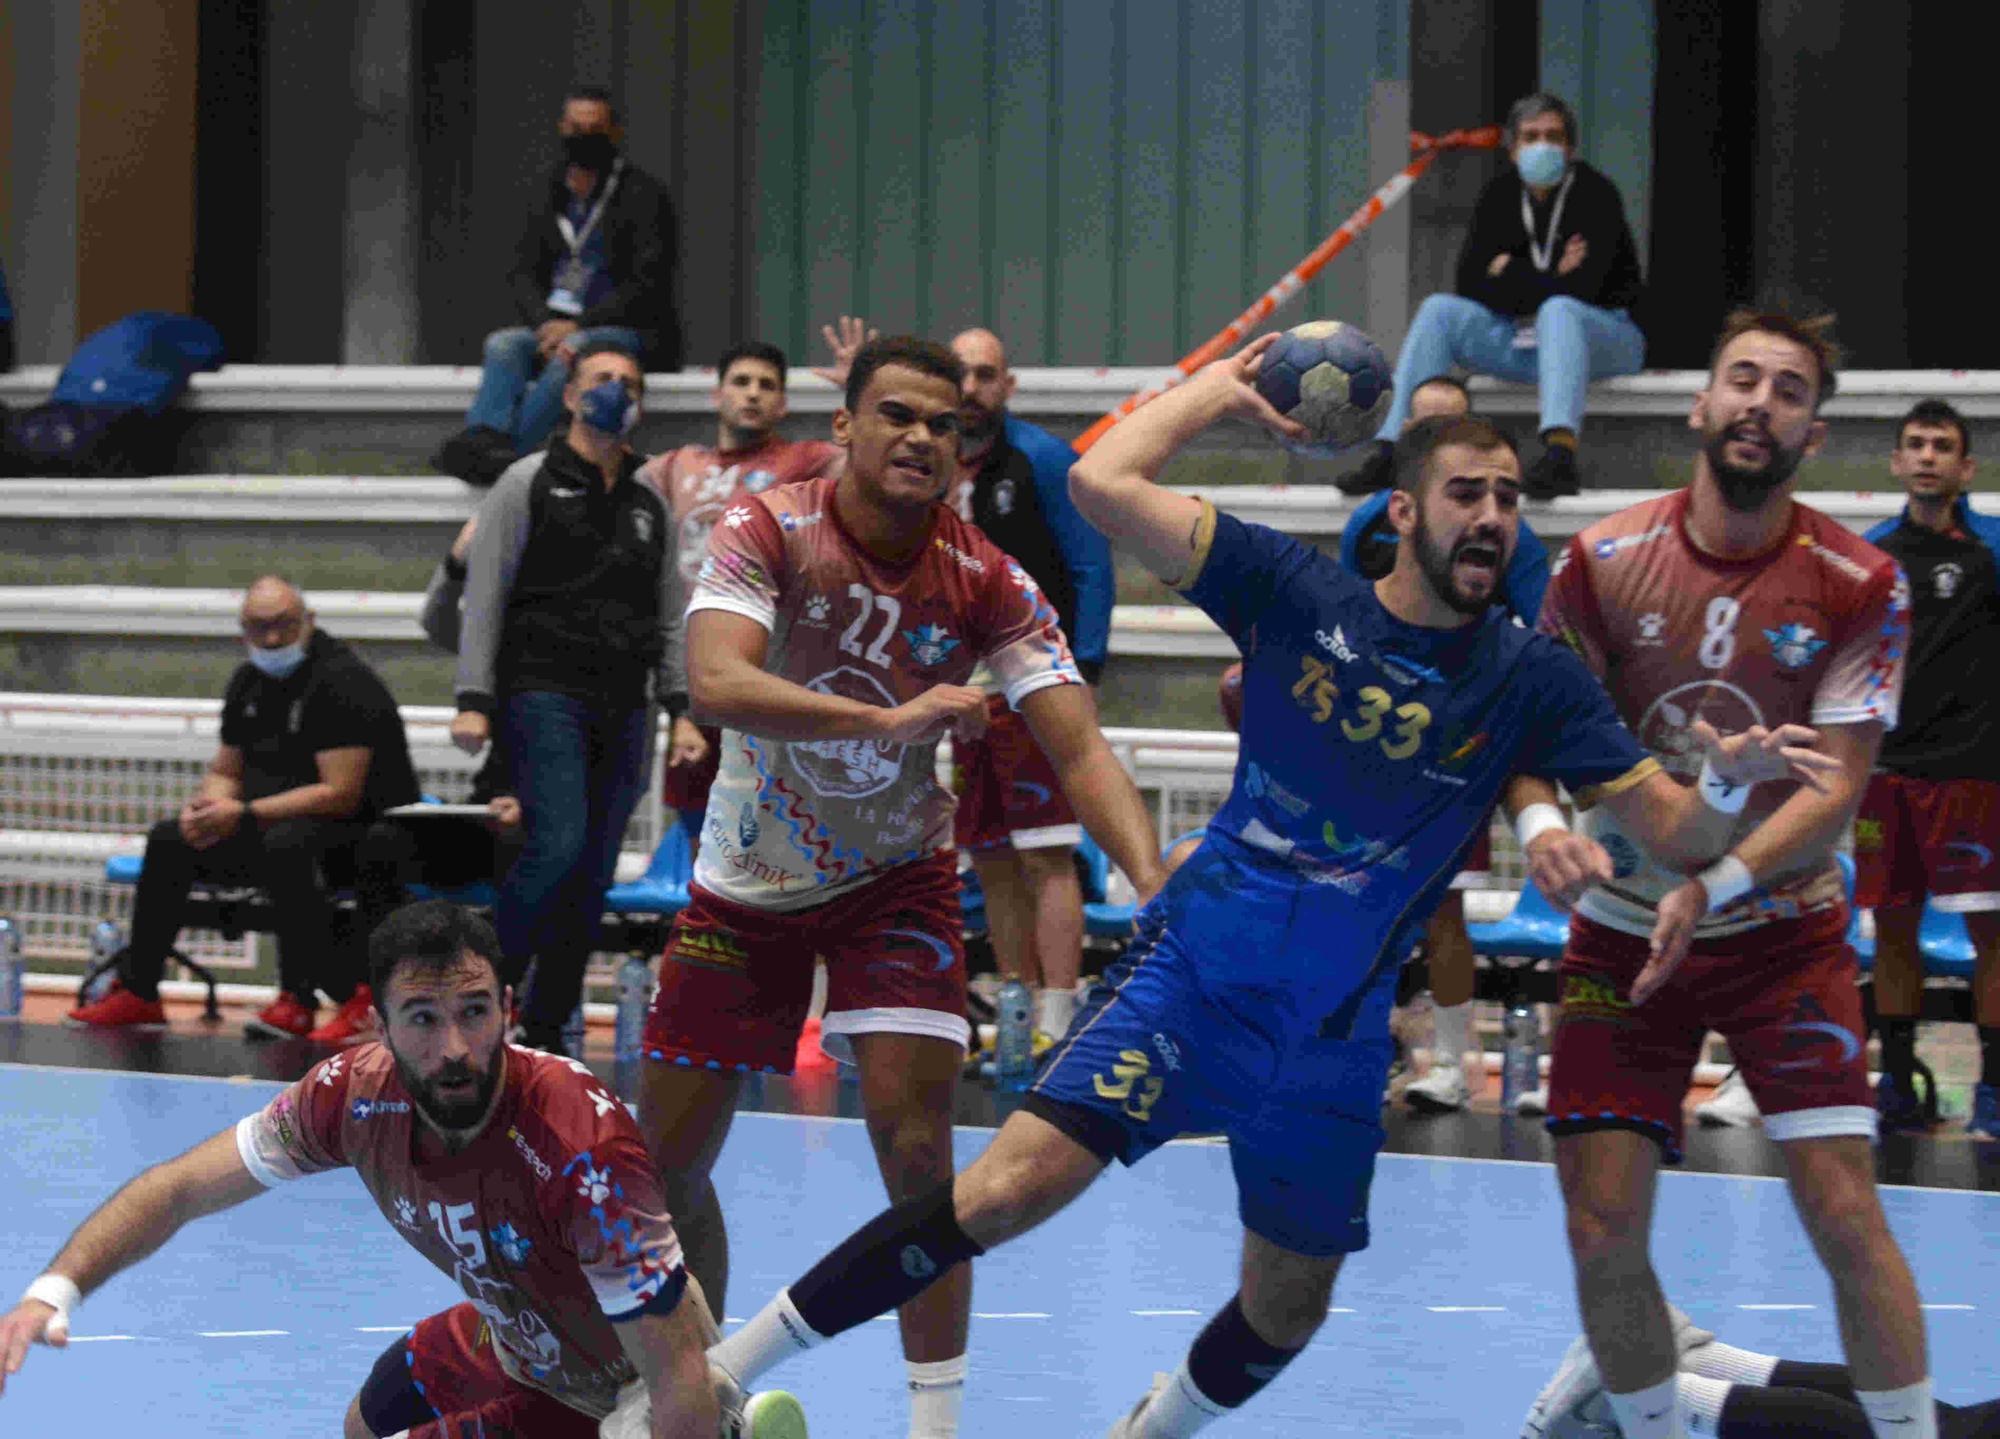 Dura derrota del Teucro ante el Alicante